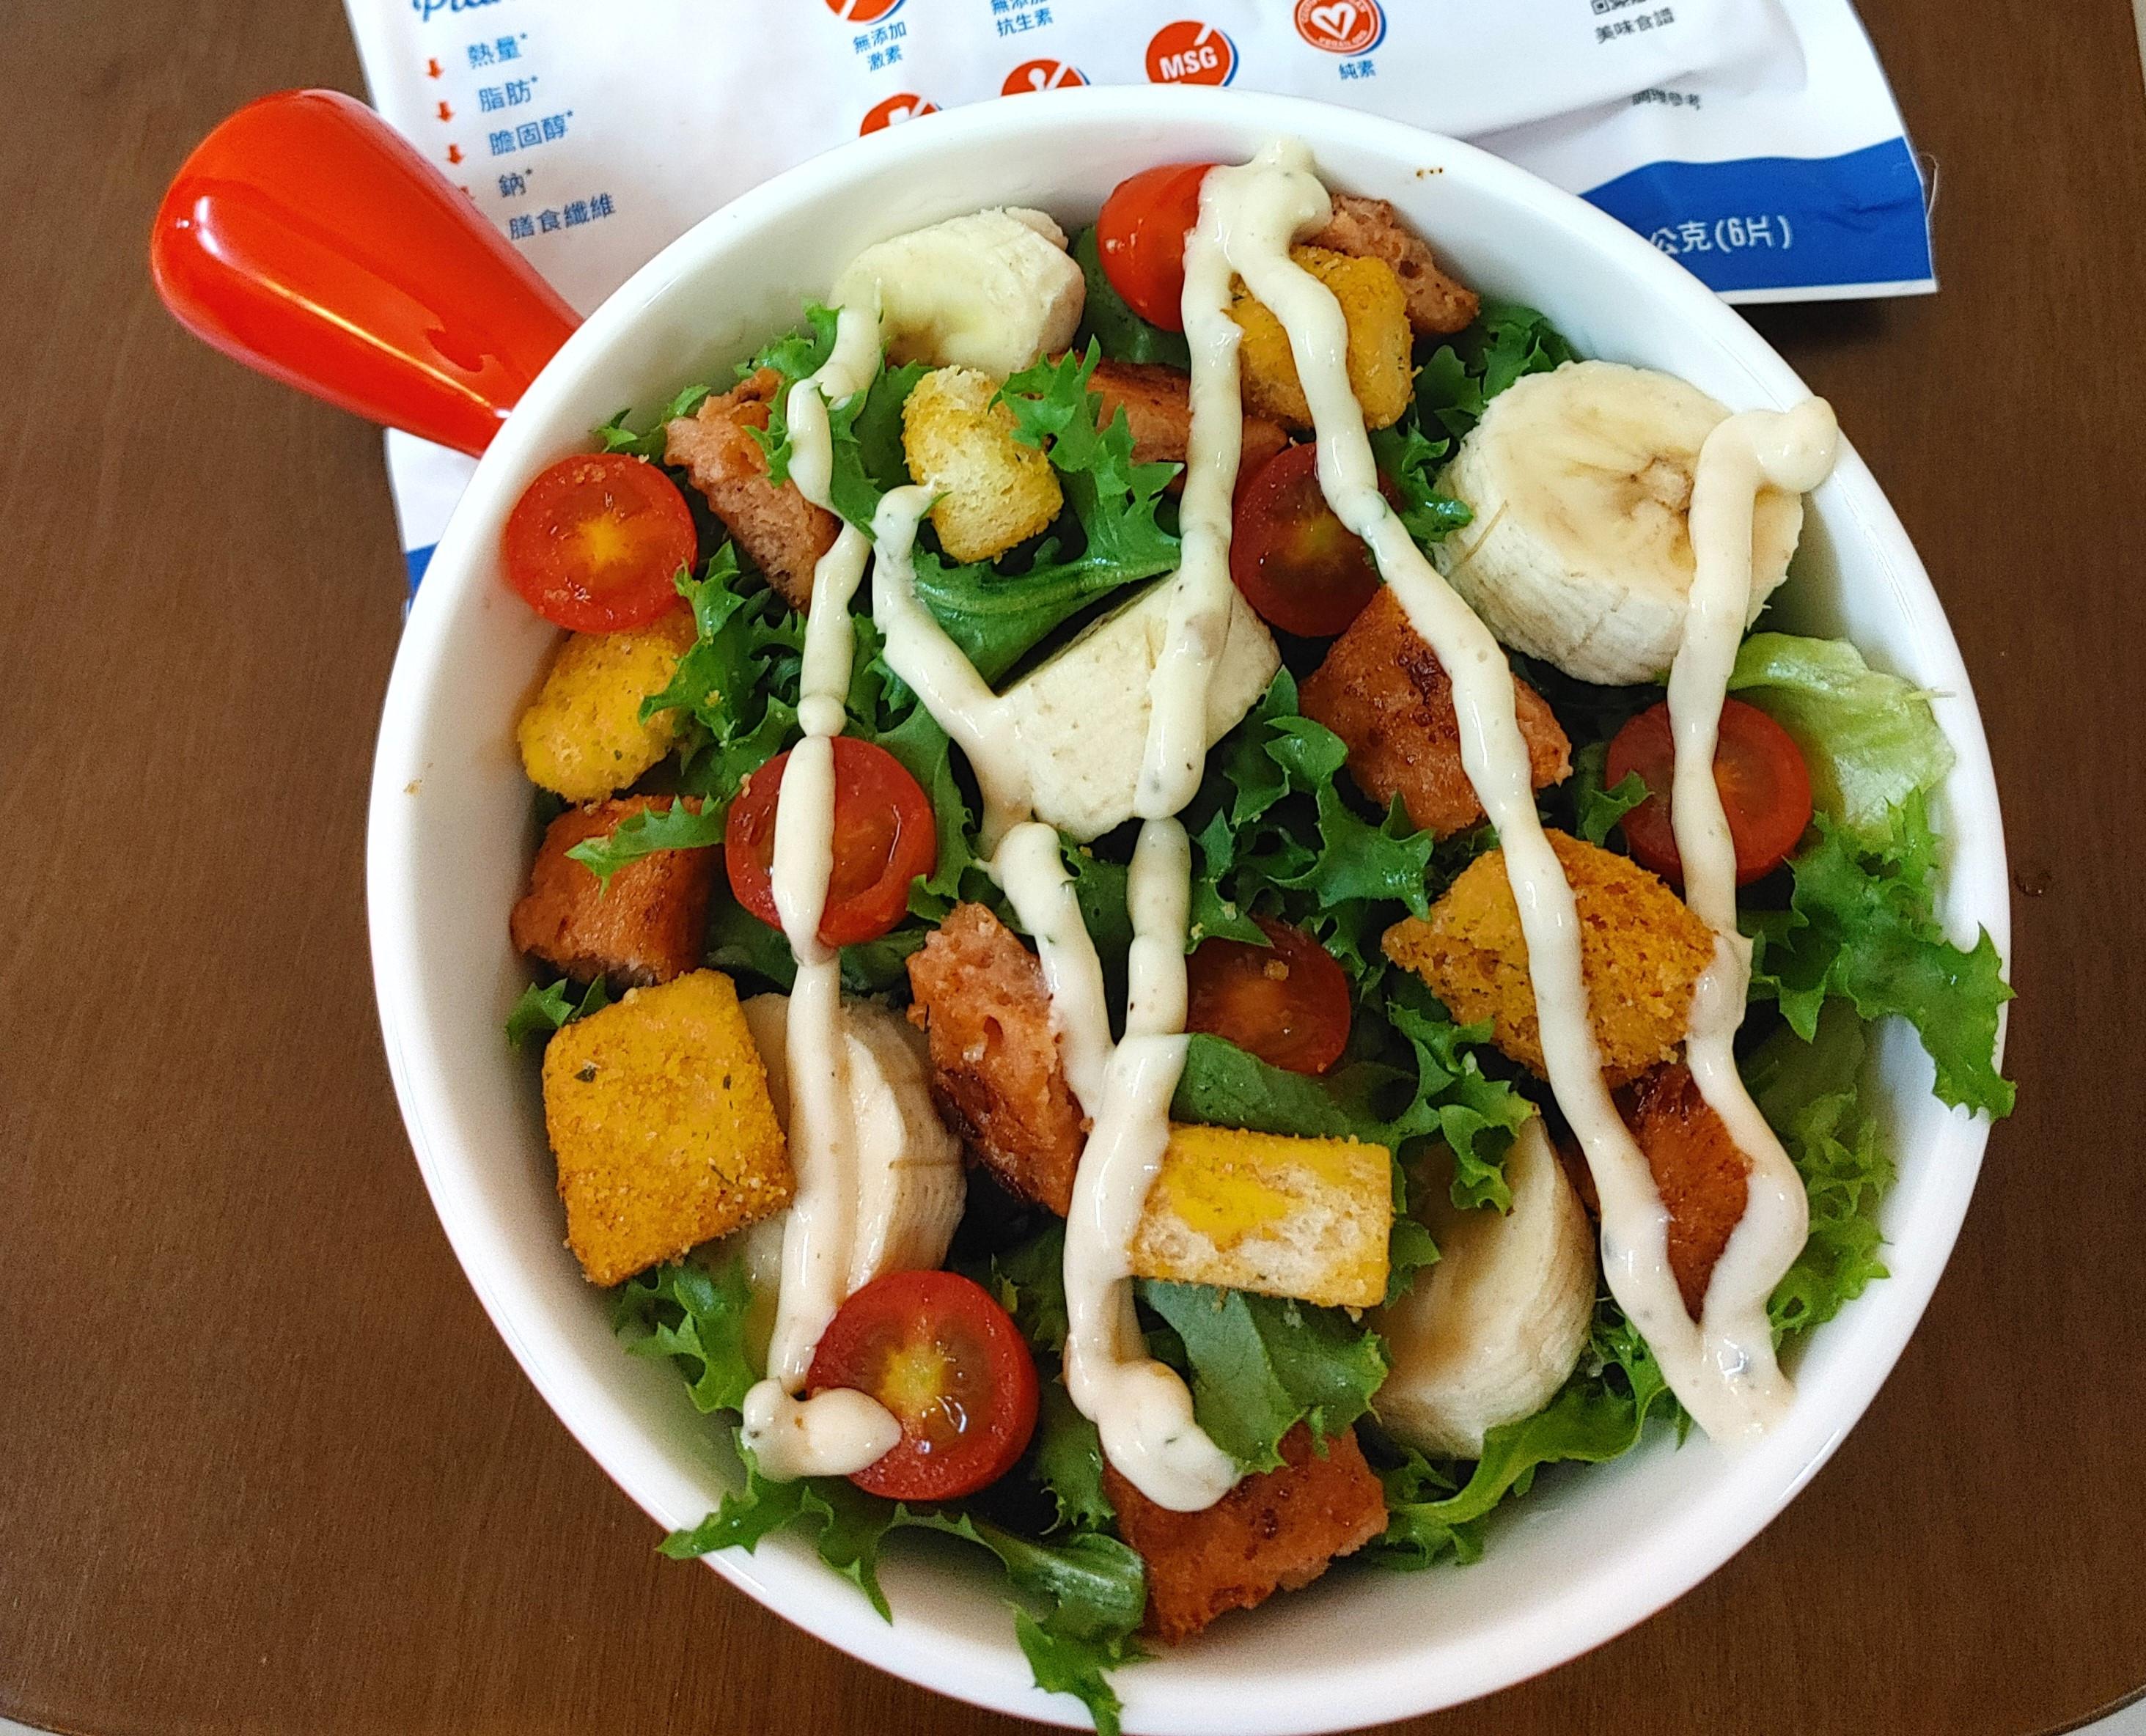 菊苣新餐肉沙拉